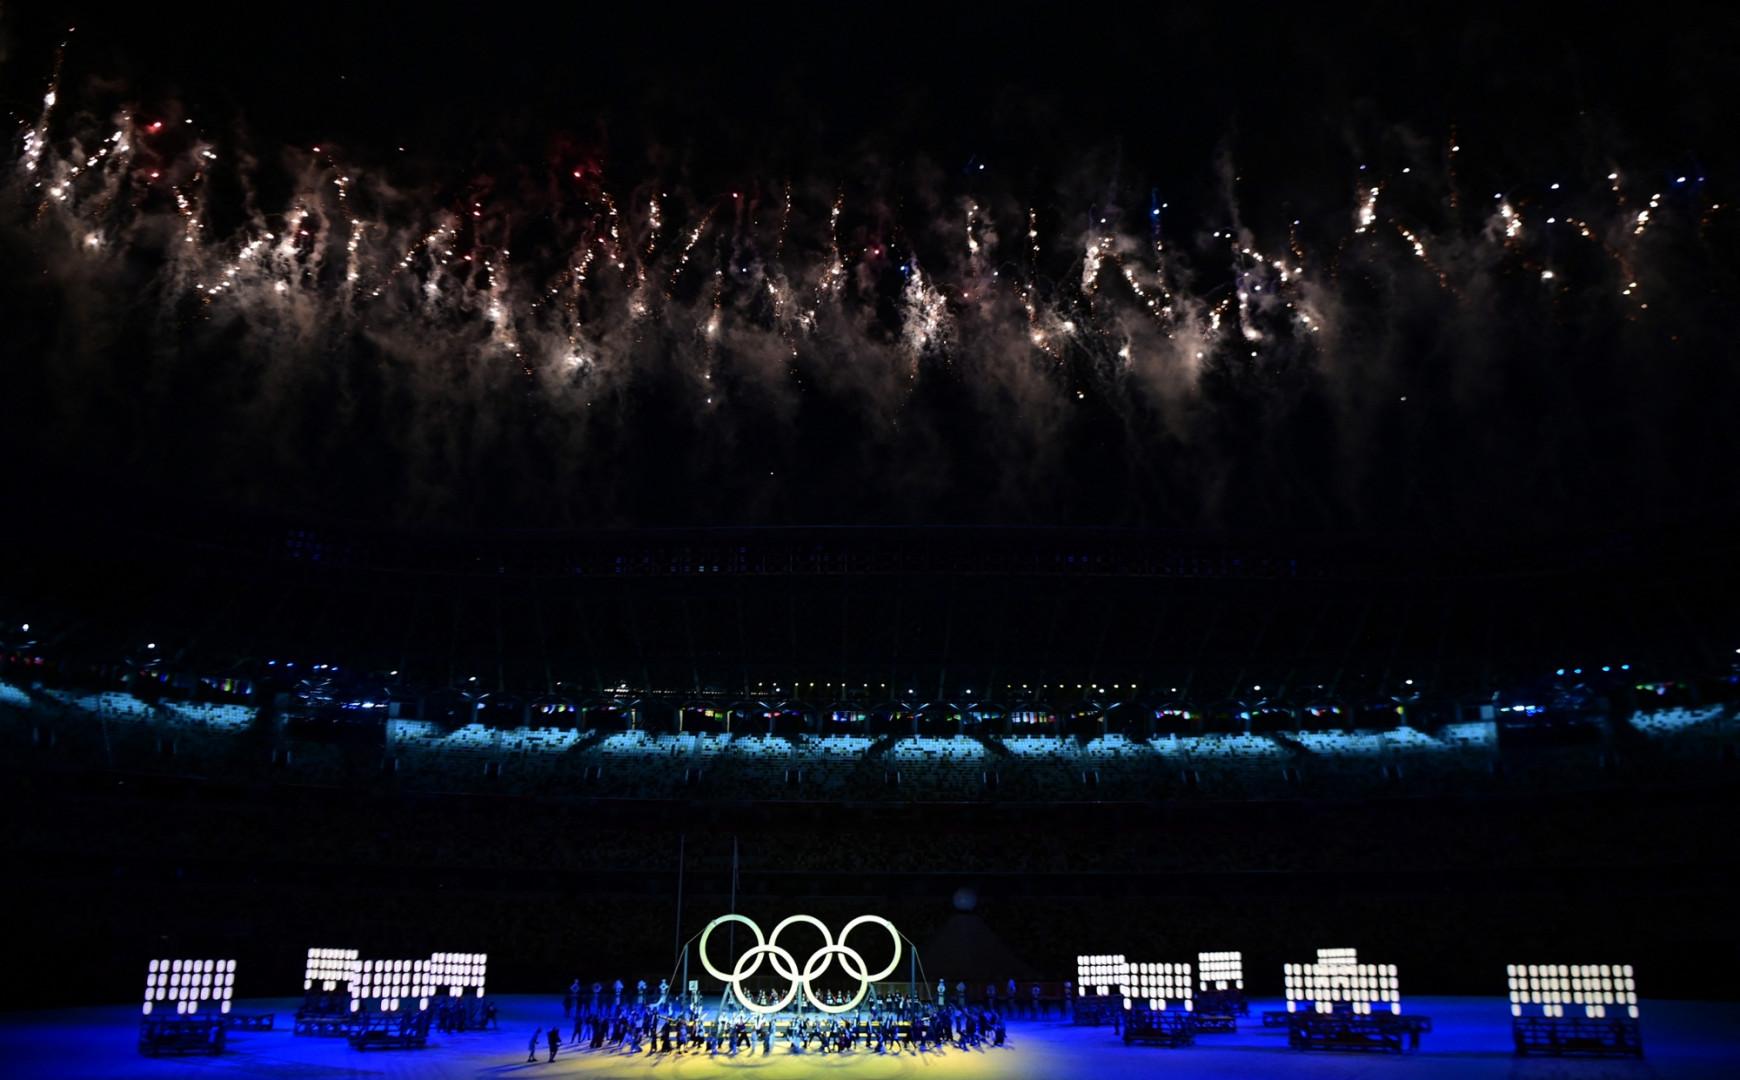 Les anneaux olympiques au milieu du stade olympique